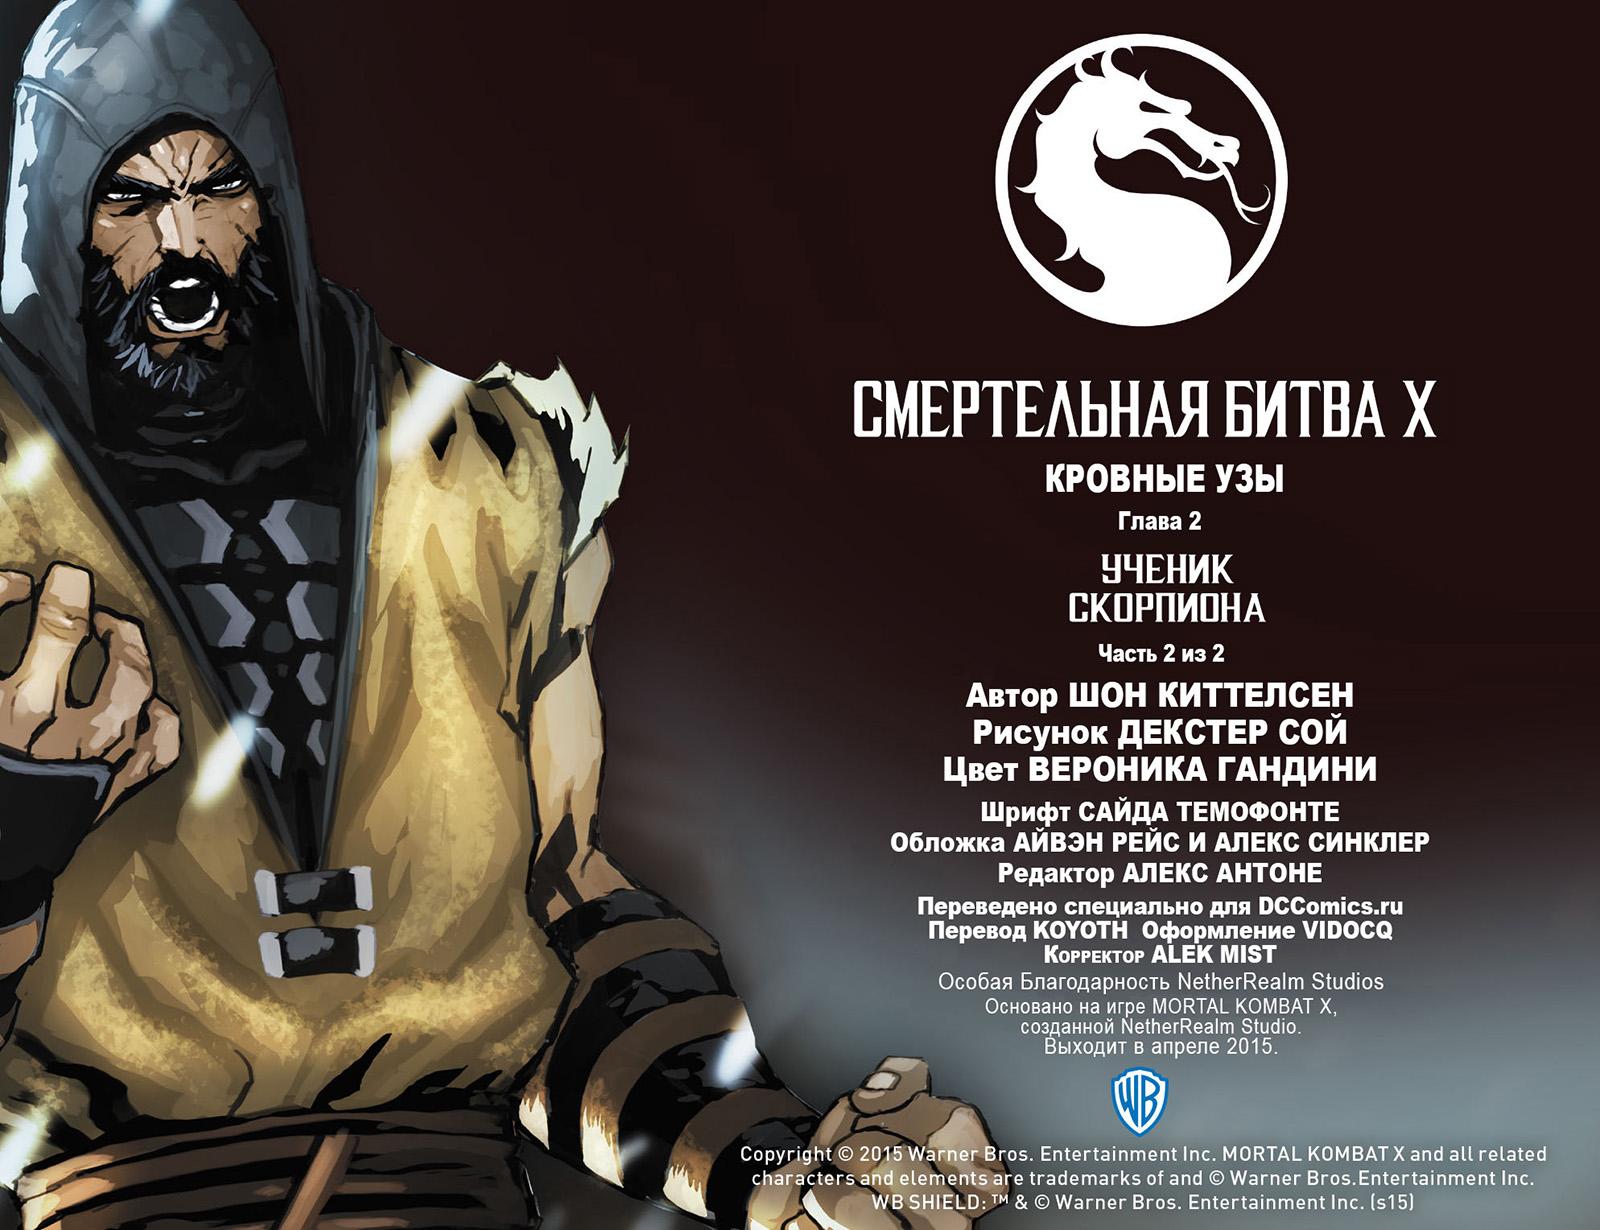 mortal kombat x комиксы читать на русском